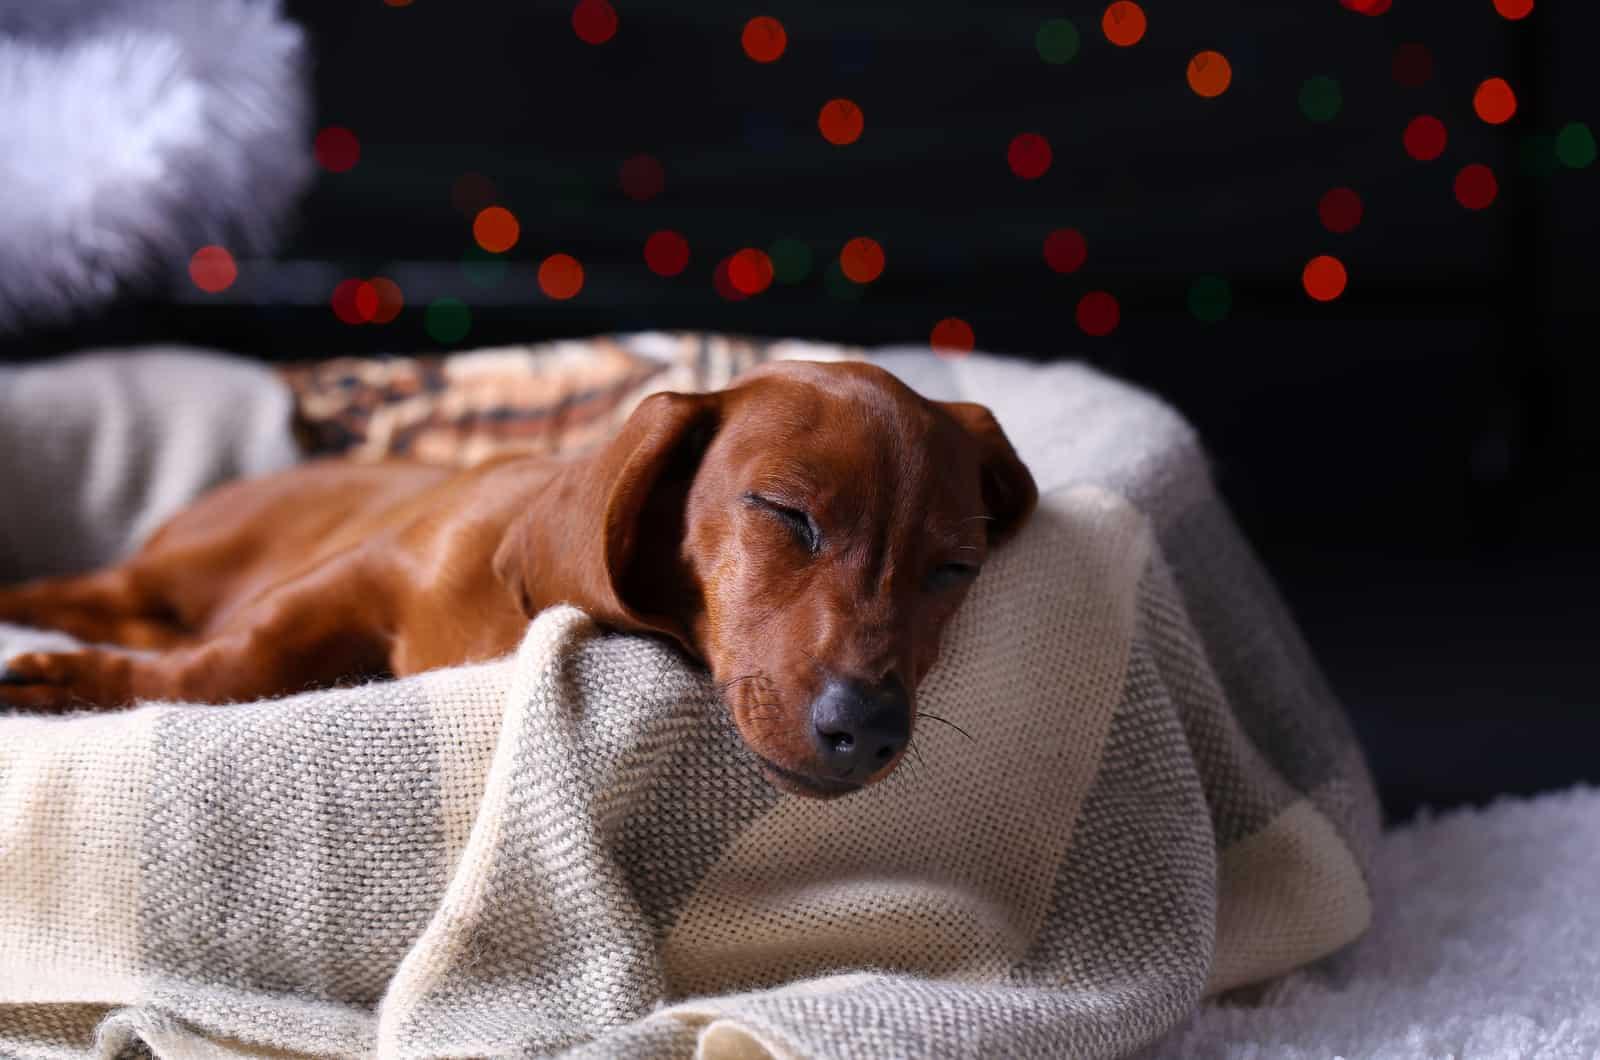 dachshund sleeping in dog bed